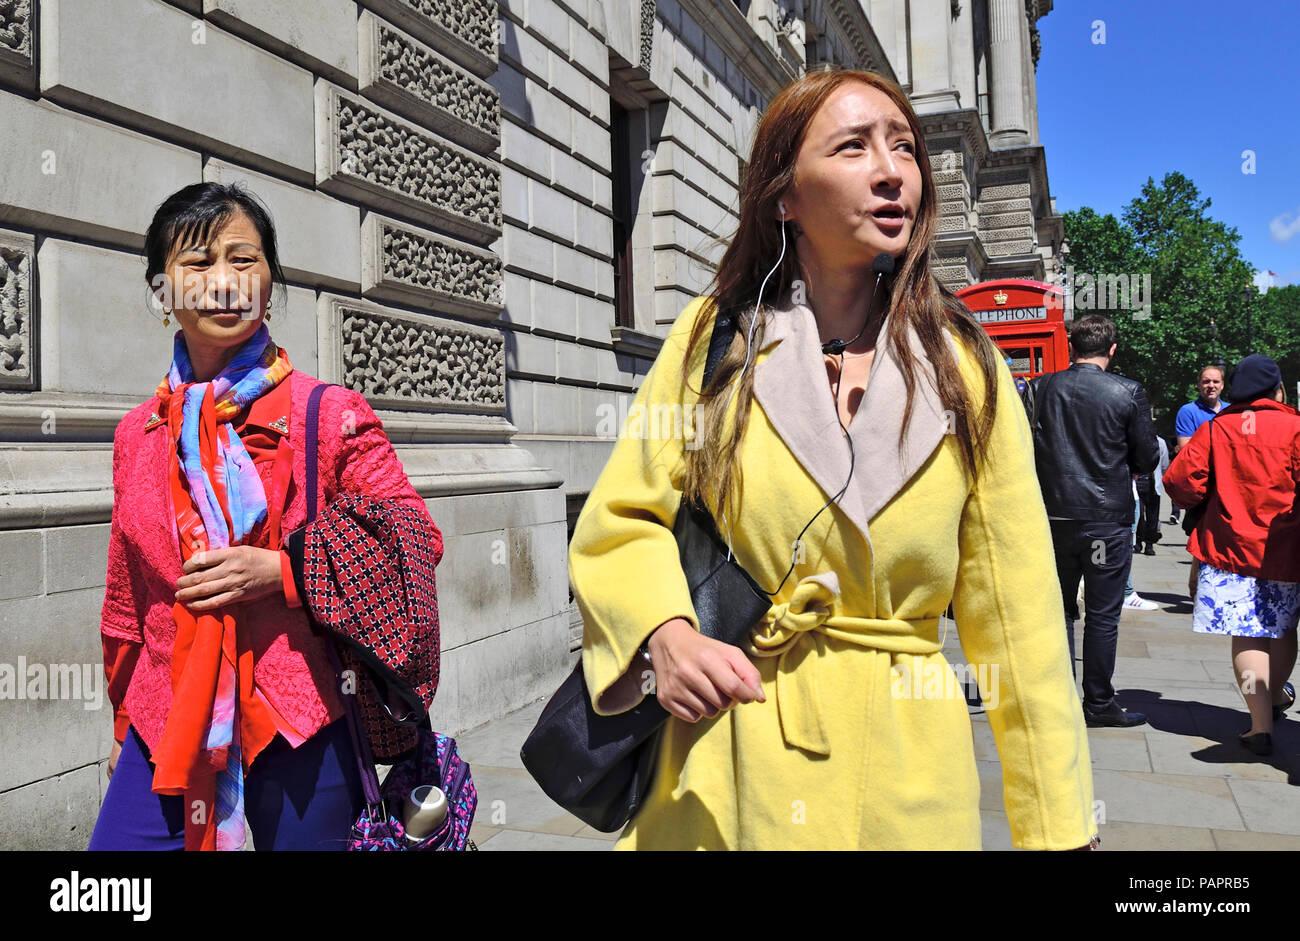 japanese women in london